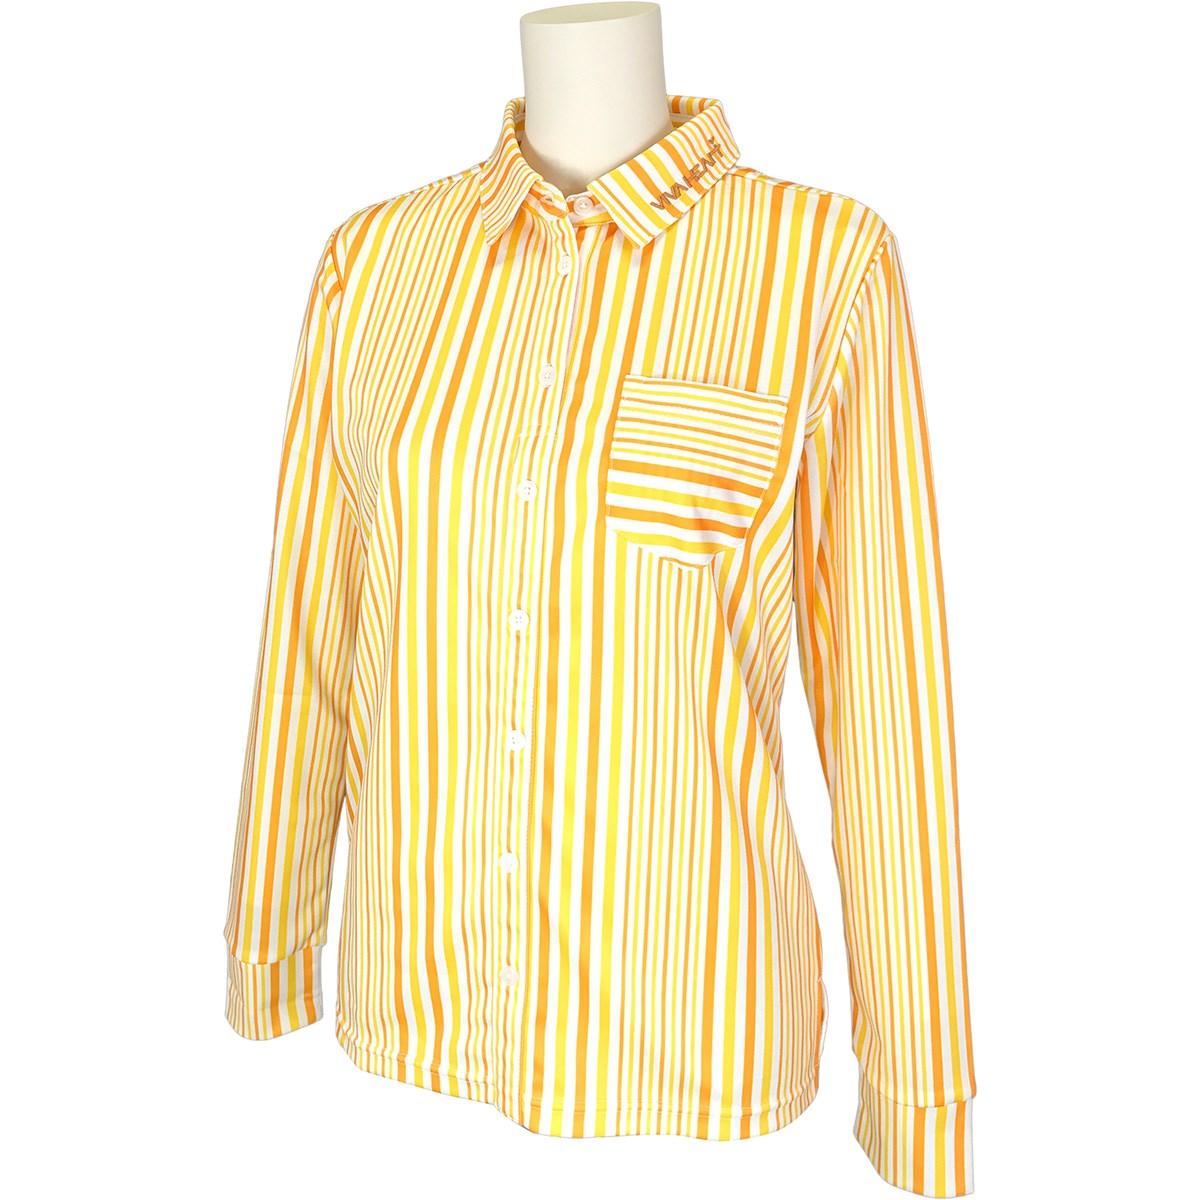 ビバハート VIVA HEART ストライププリント 鹿の子長袖シャツ 40(M) イエロー 034 レディス